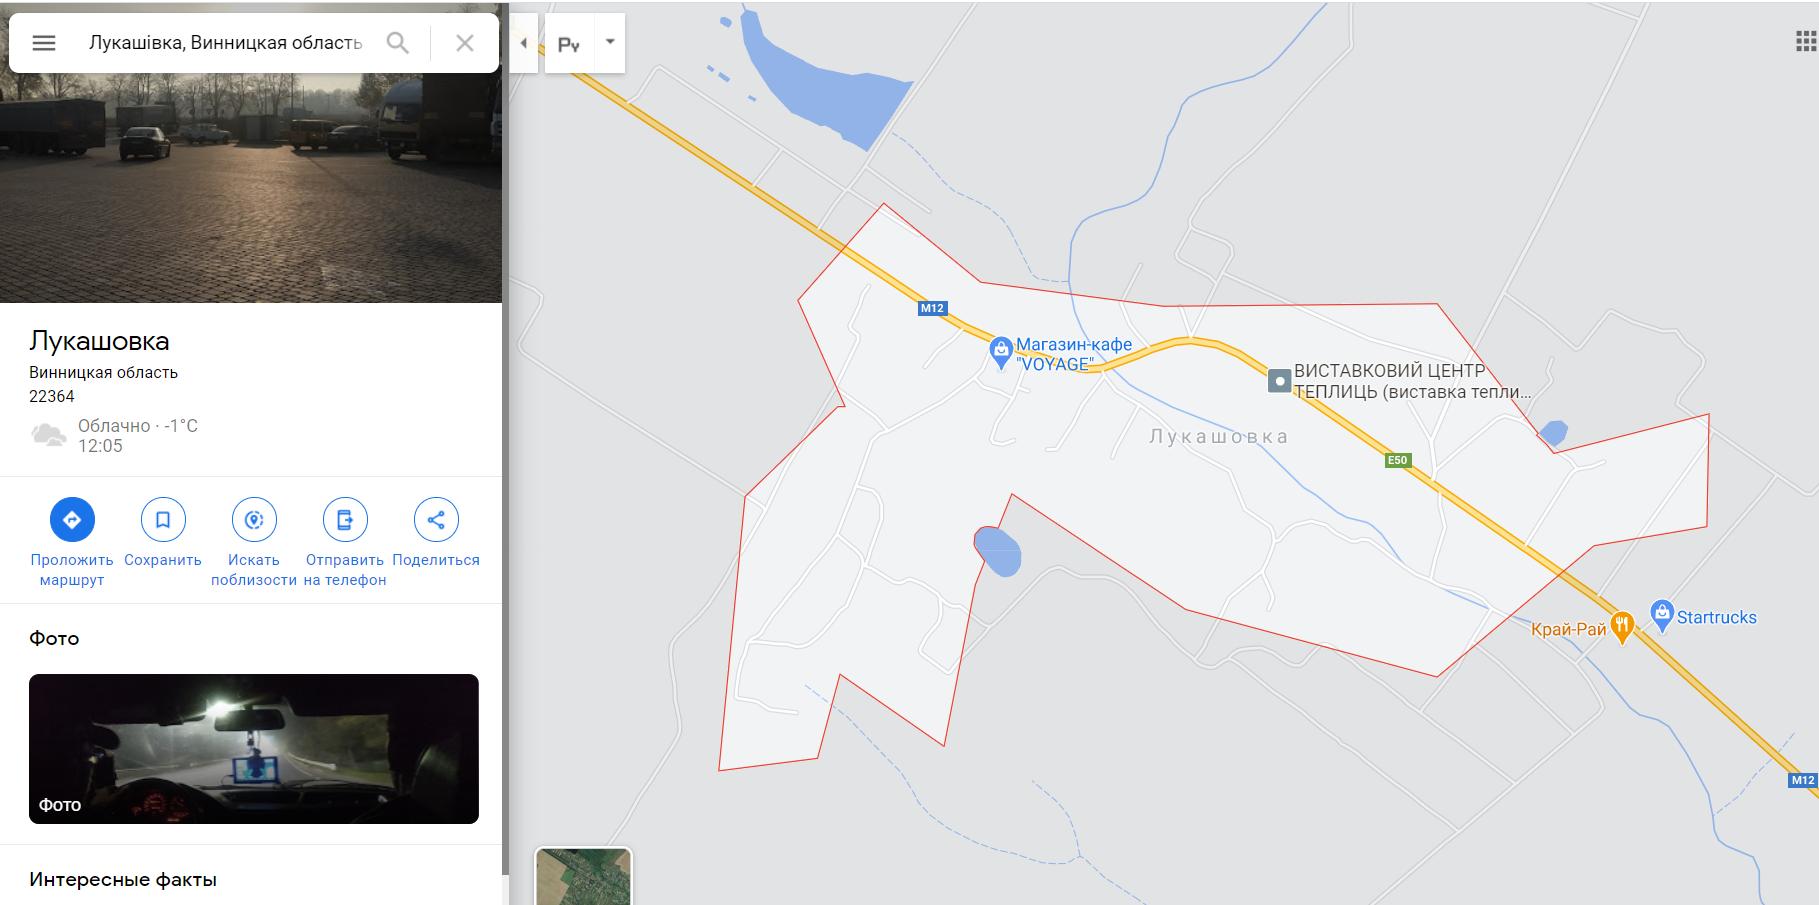 Лукашівка, біля якої сталася аварія, на мапі